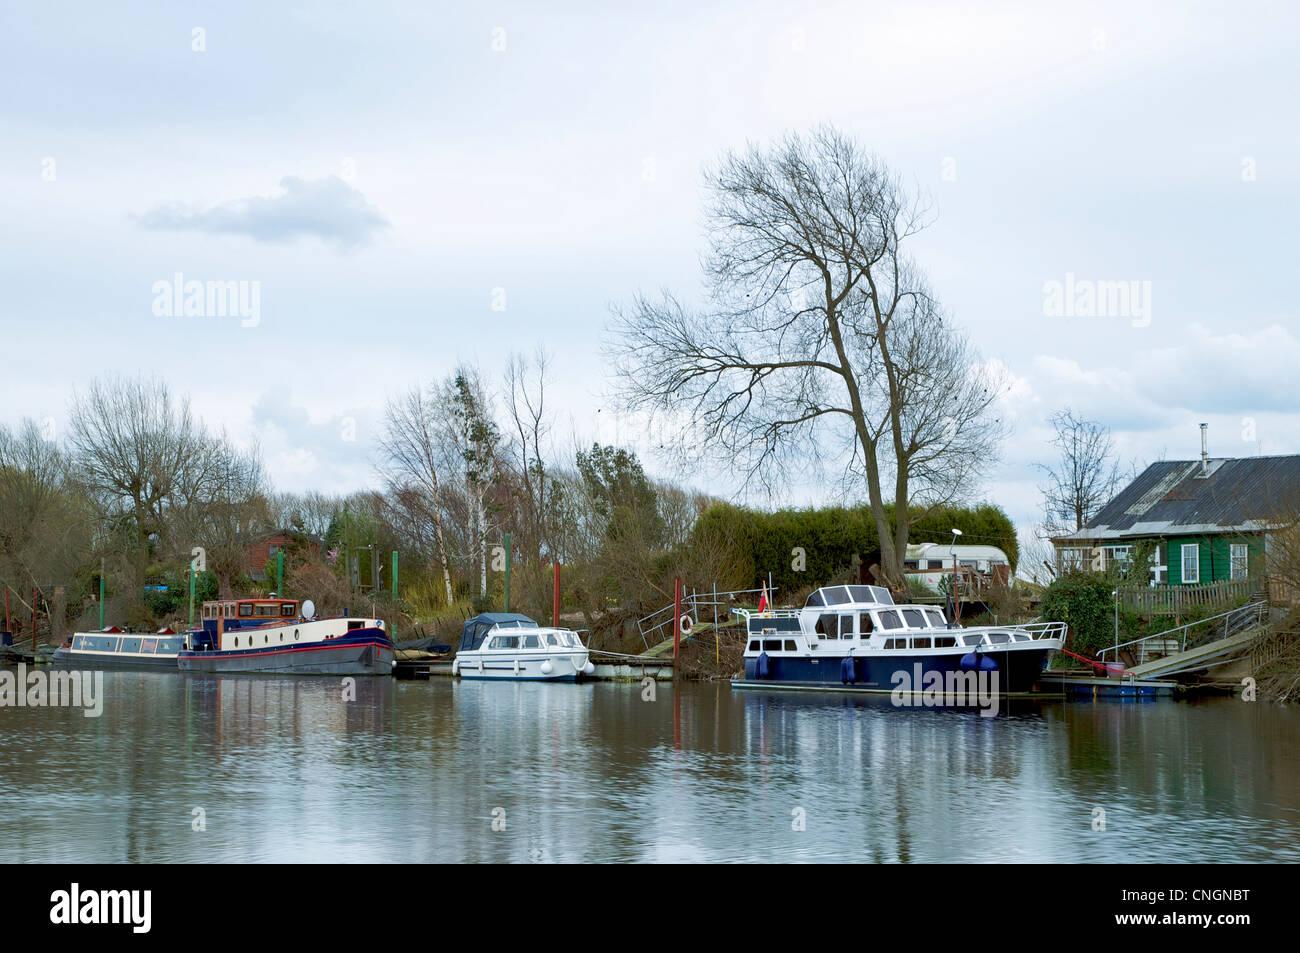 trent river began seeping - HD1300×953